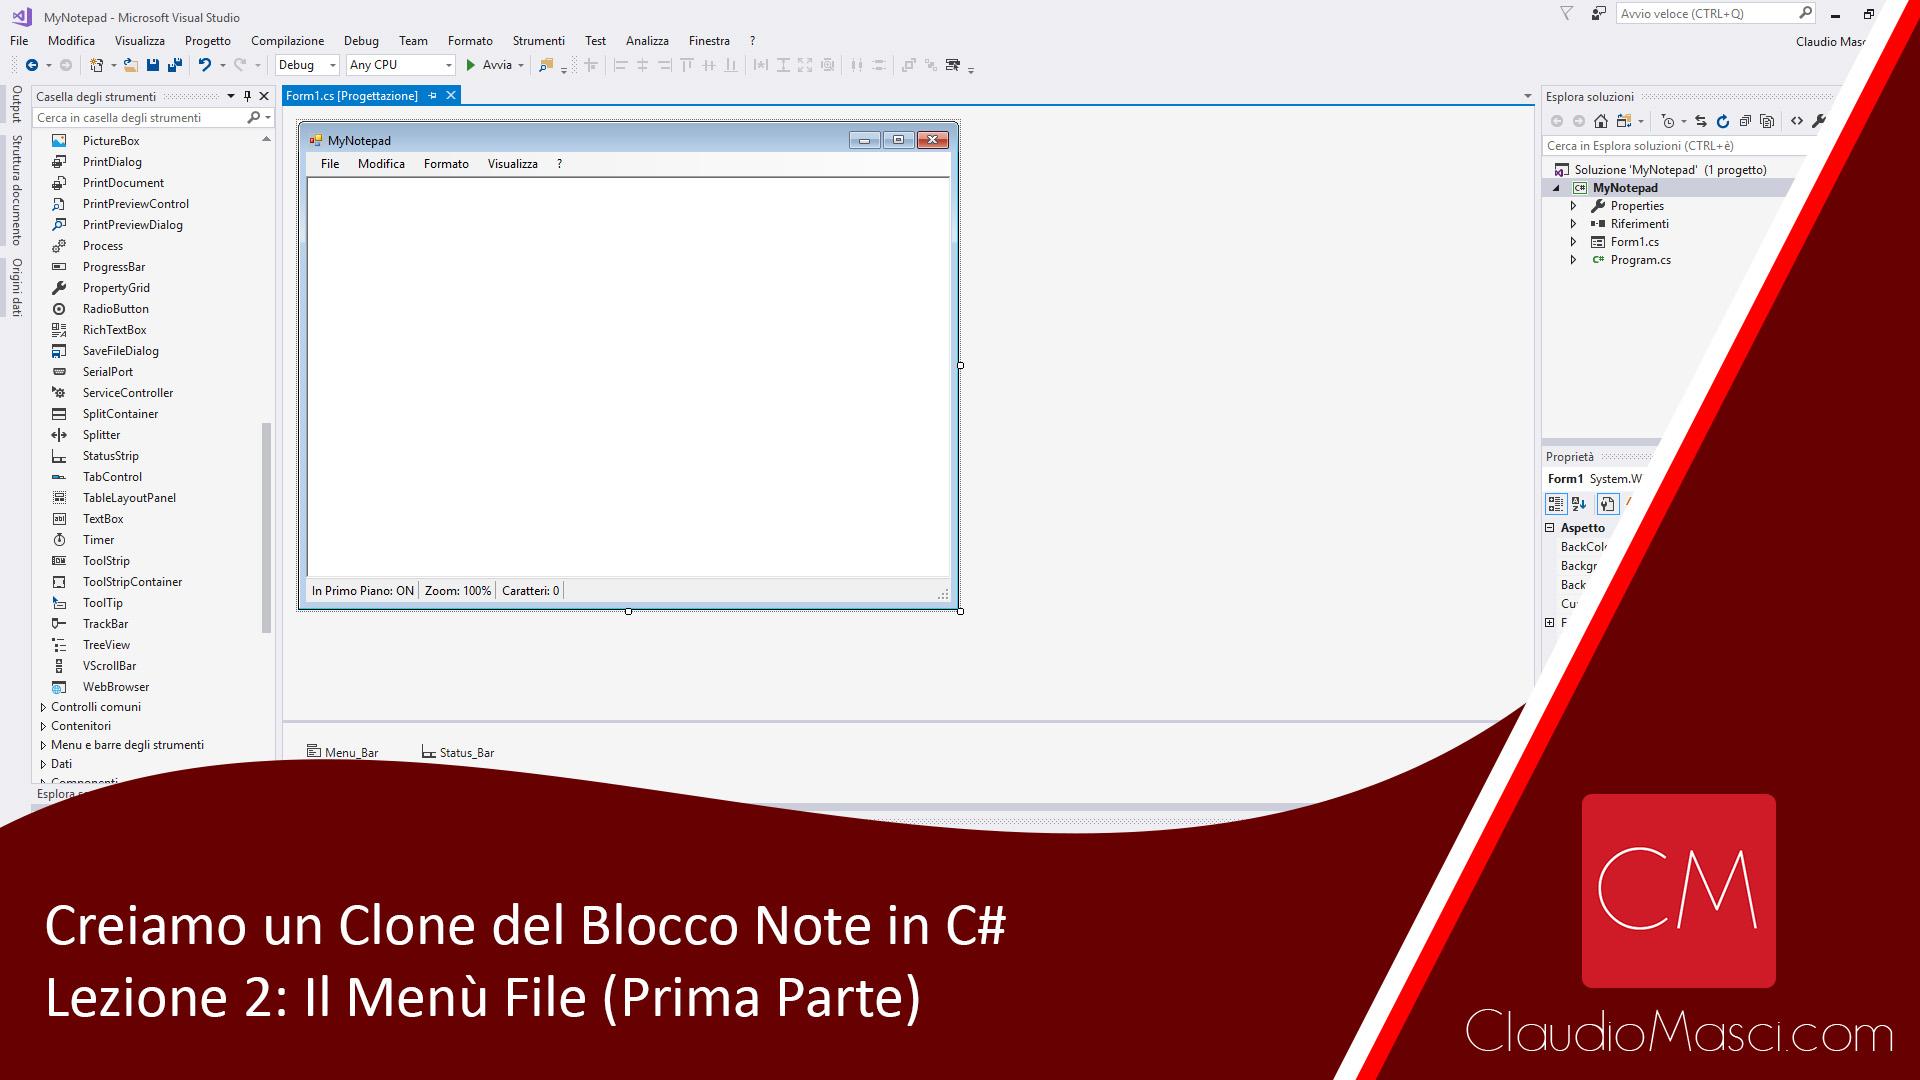 Creiamo un clone del Blocco Note in C# – Lezione 2: Il Menù File (Prima Parte)